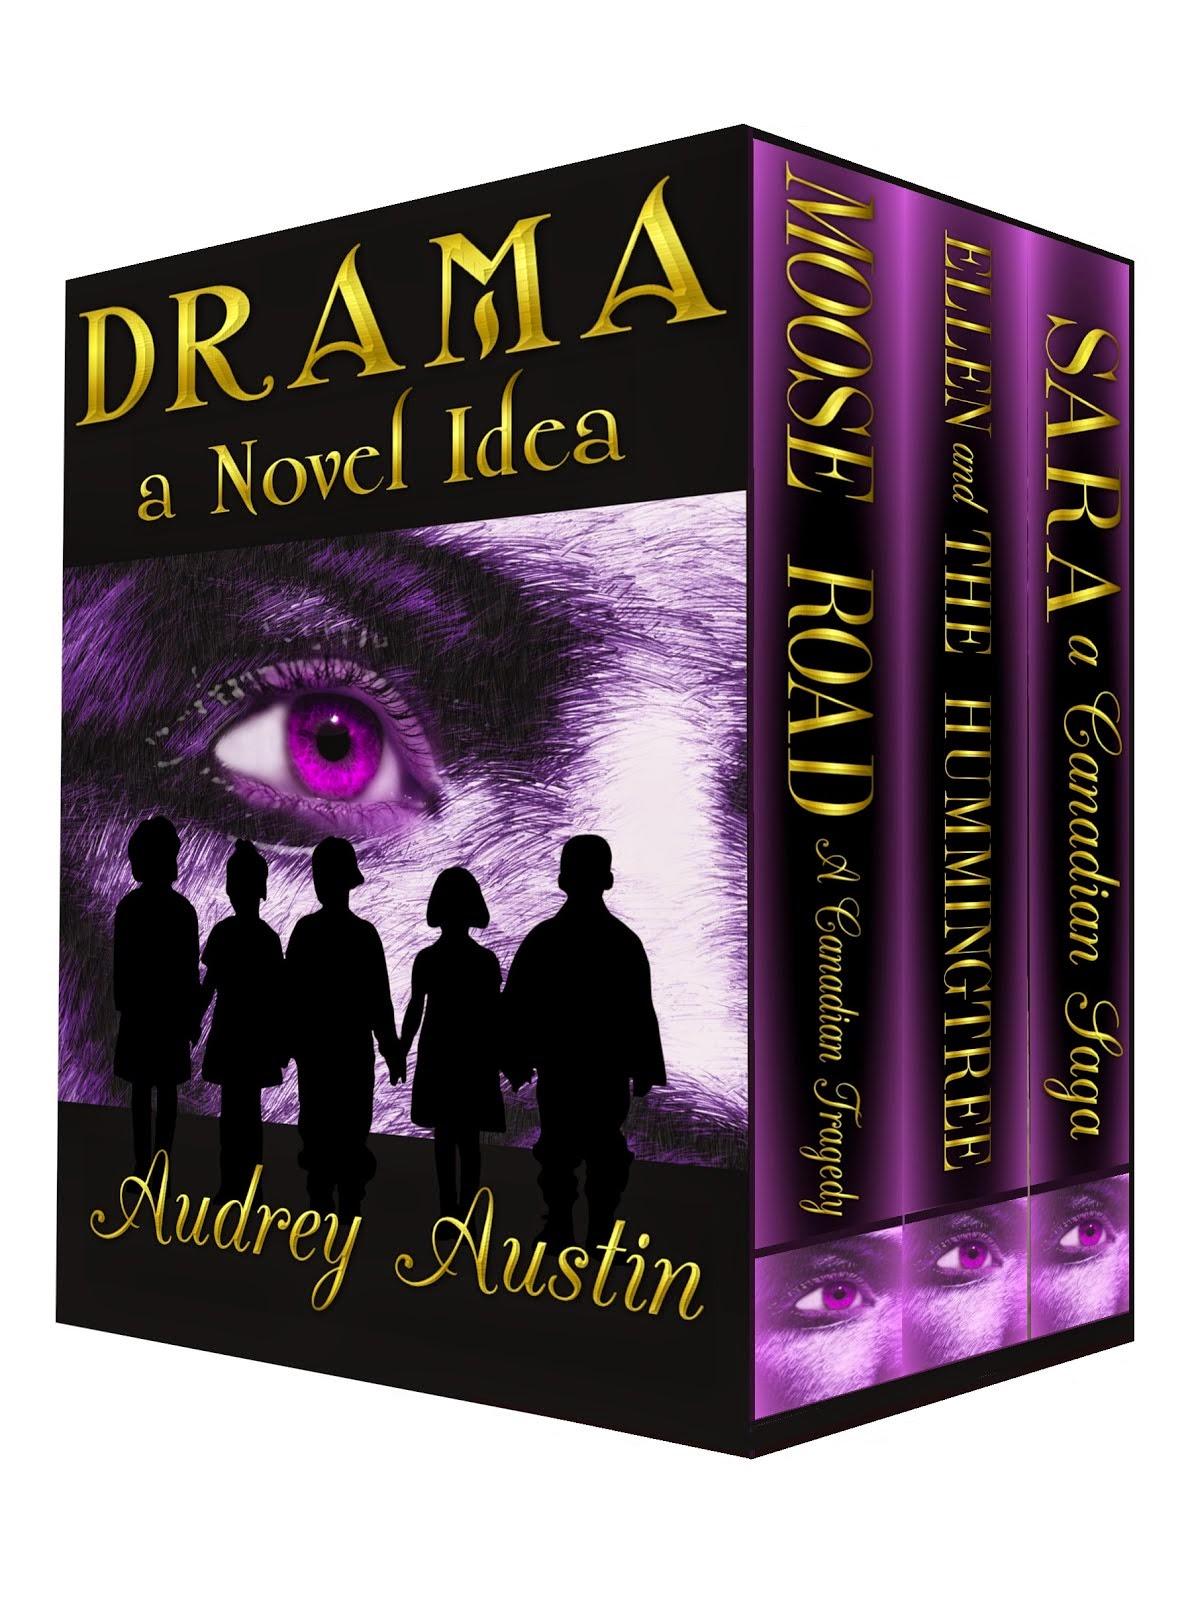 DRAMA - a Novel Idea